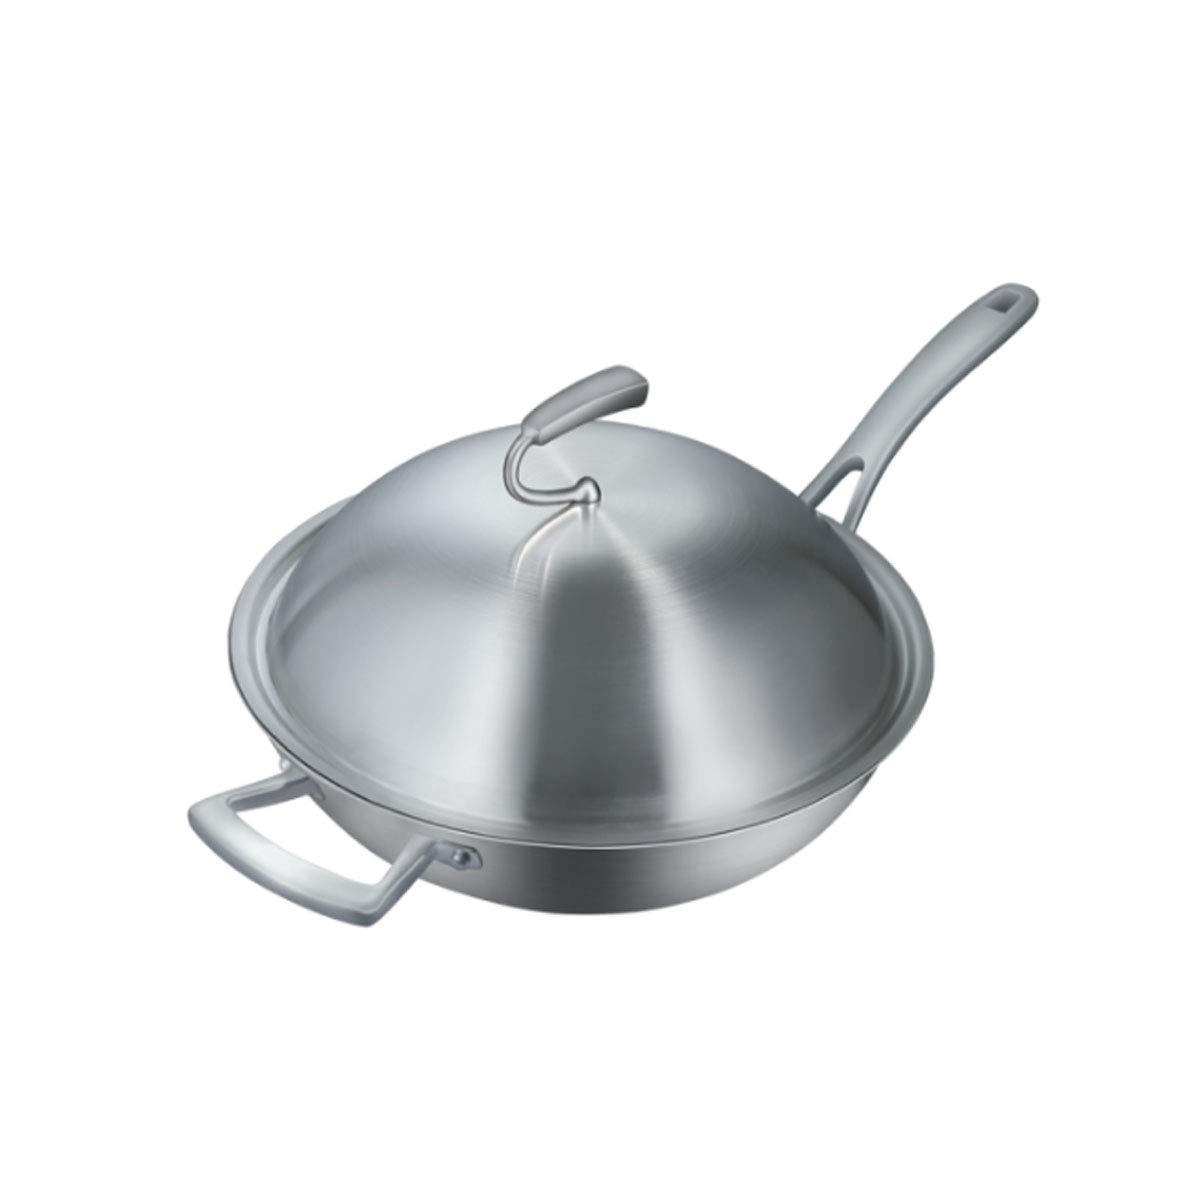 鍋、304ステンレス鋼中華鍋、13.6インチ無塗装平底鍋、ガスストーブ、電磁調理器を使用できます。 (Color : Silver)  Silver B07QNVSVMZ